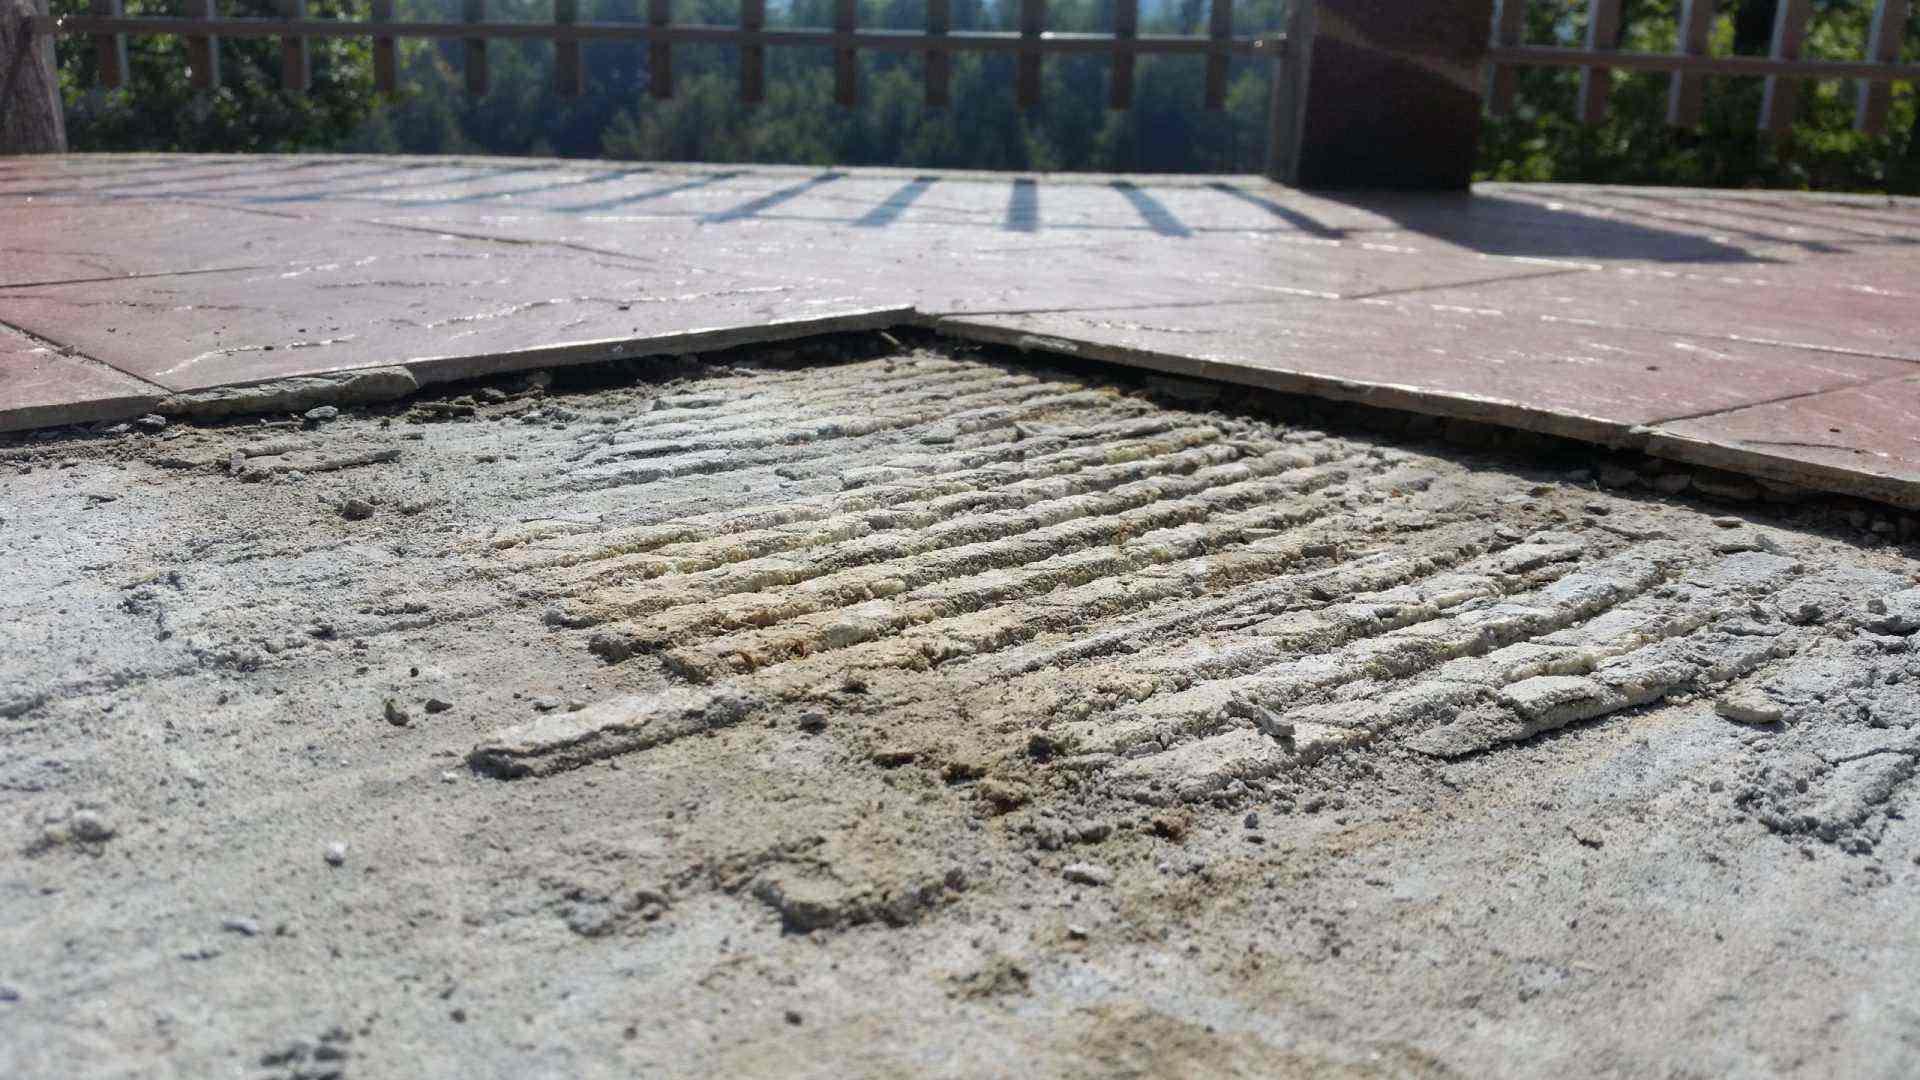 Odstopljena keramika se zaradi segrevanja razteza in zato dviga